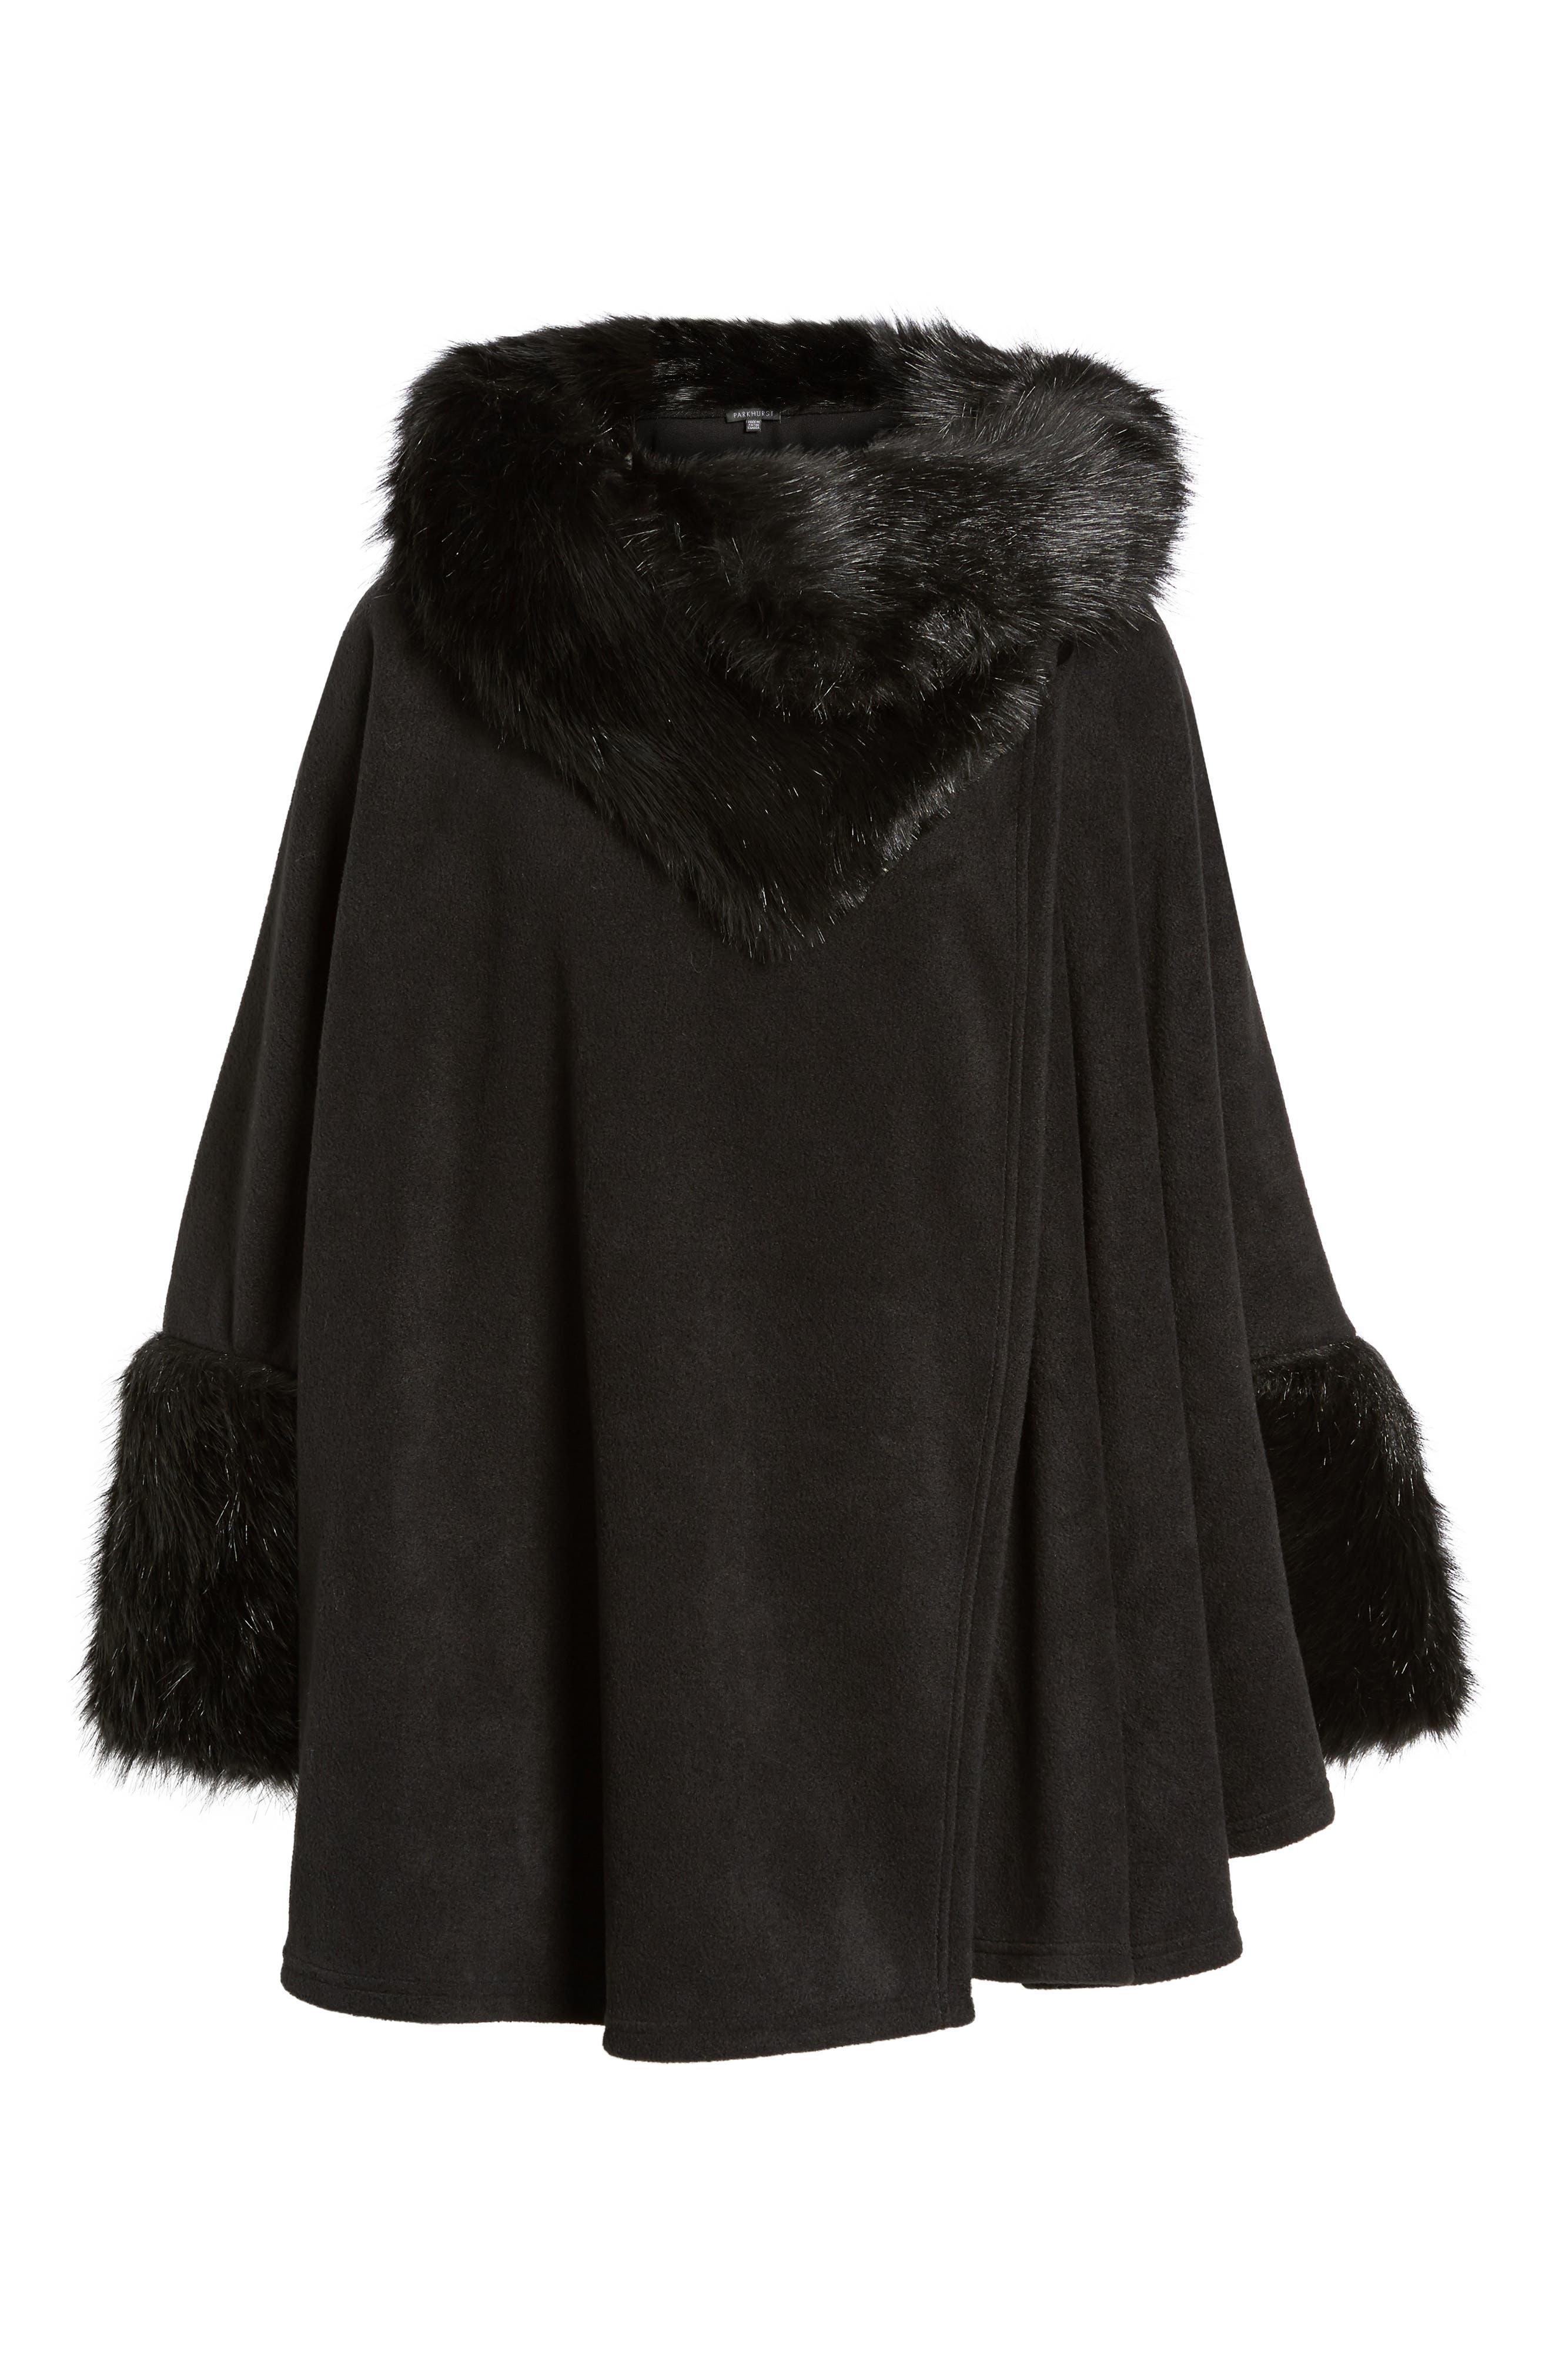 Chelsea Cape with Faux Fur Trim,                             Alternate thumbnail 6, color,                             Black/ Black Mink